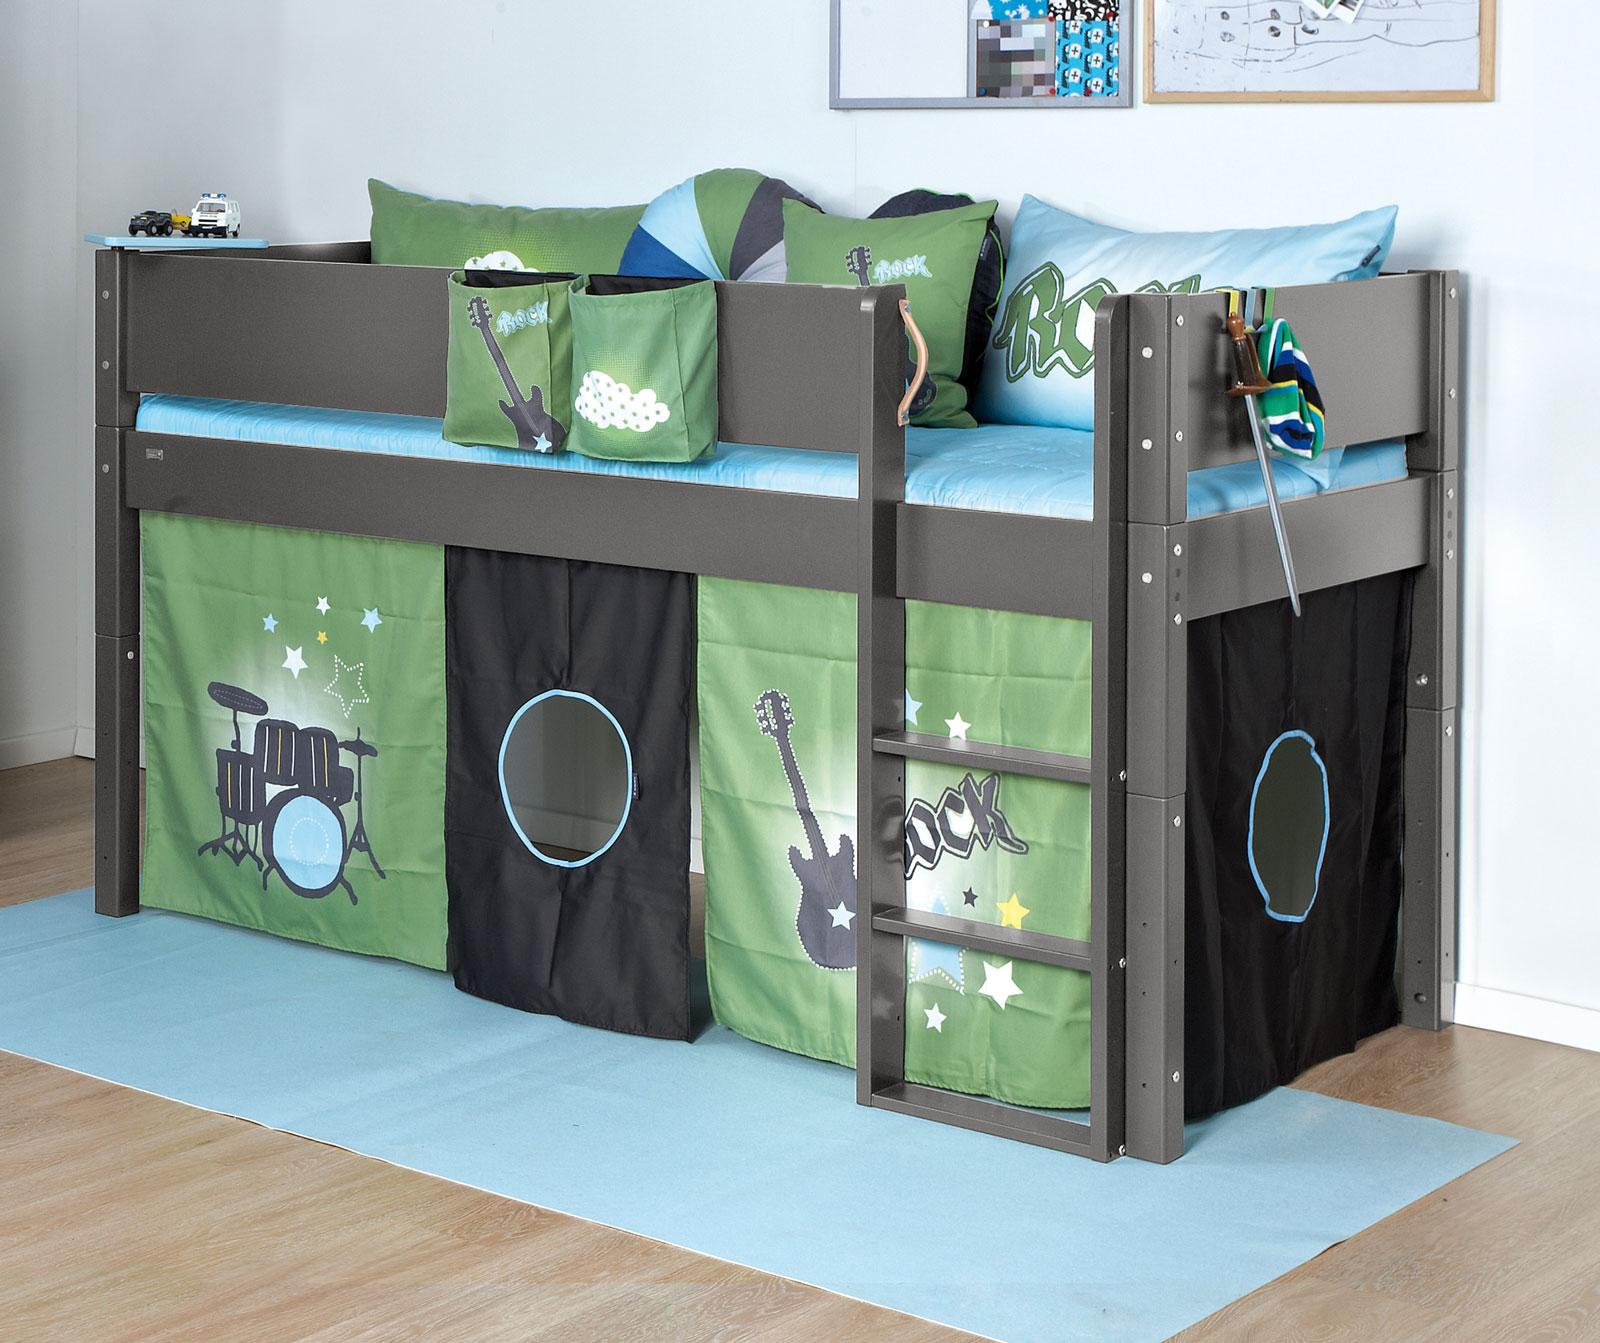 mini hochbett mit absturzsicherung gs gepr ft kids town. Black Bedroom Furniture Sets. Home Design Ideas